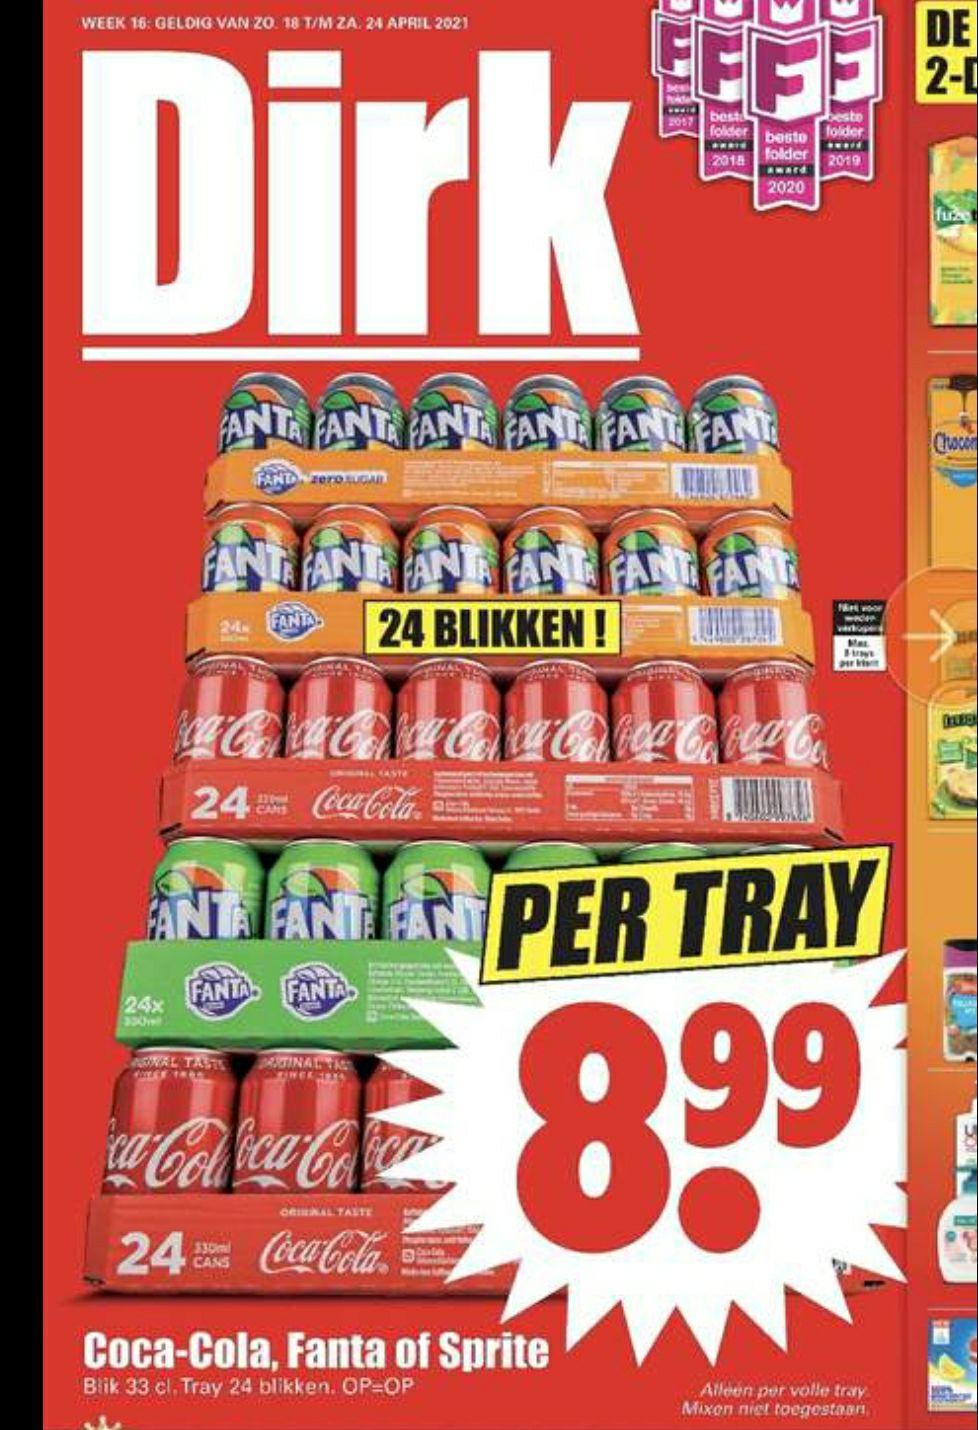 Dirk van den Broek: Tray coca cola / fanta / Sprite voor 8,99